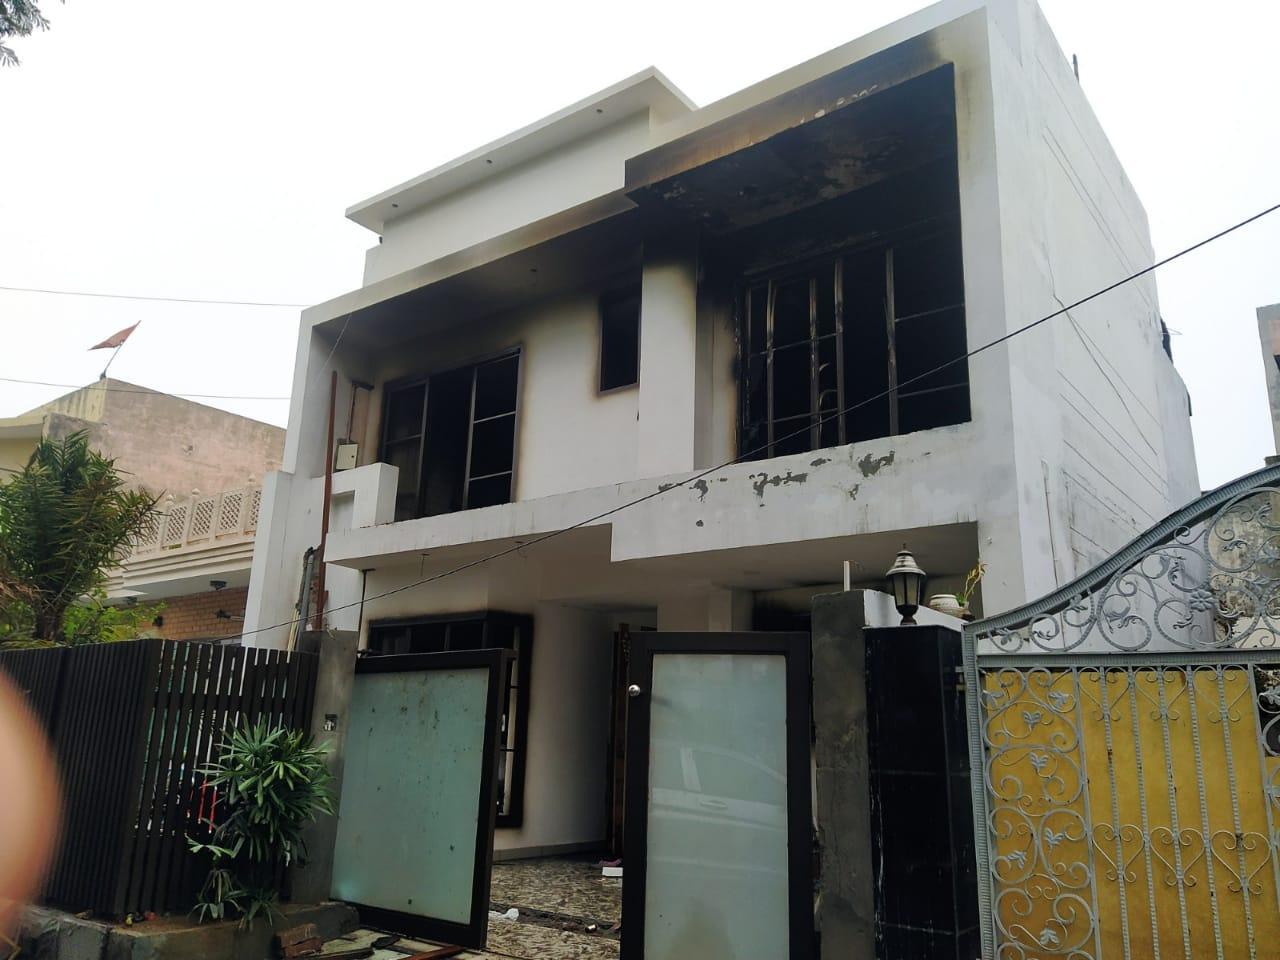 बिजली सप्लाई बंद न होने से आग बुझाने में देरी हुई, जिससे पूरा घर अंदर से काला हो गया